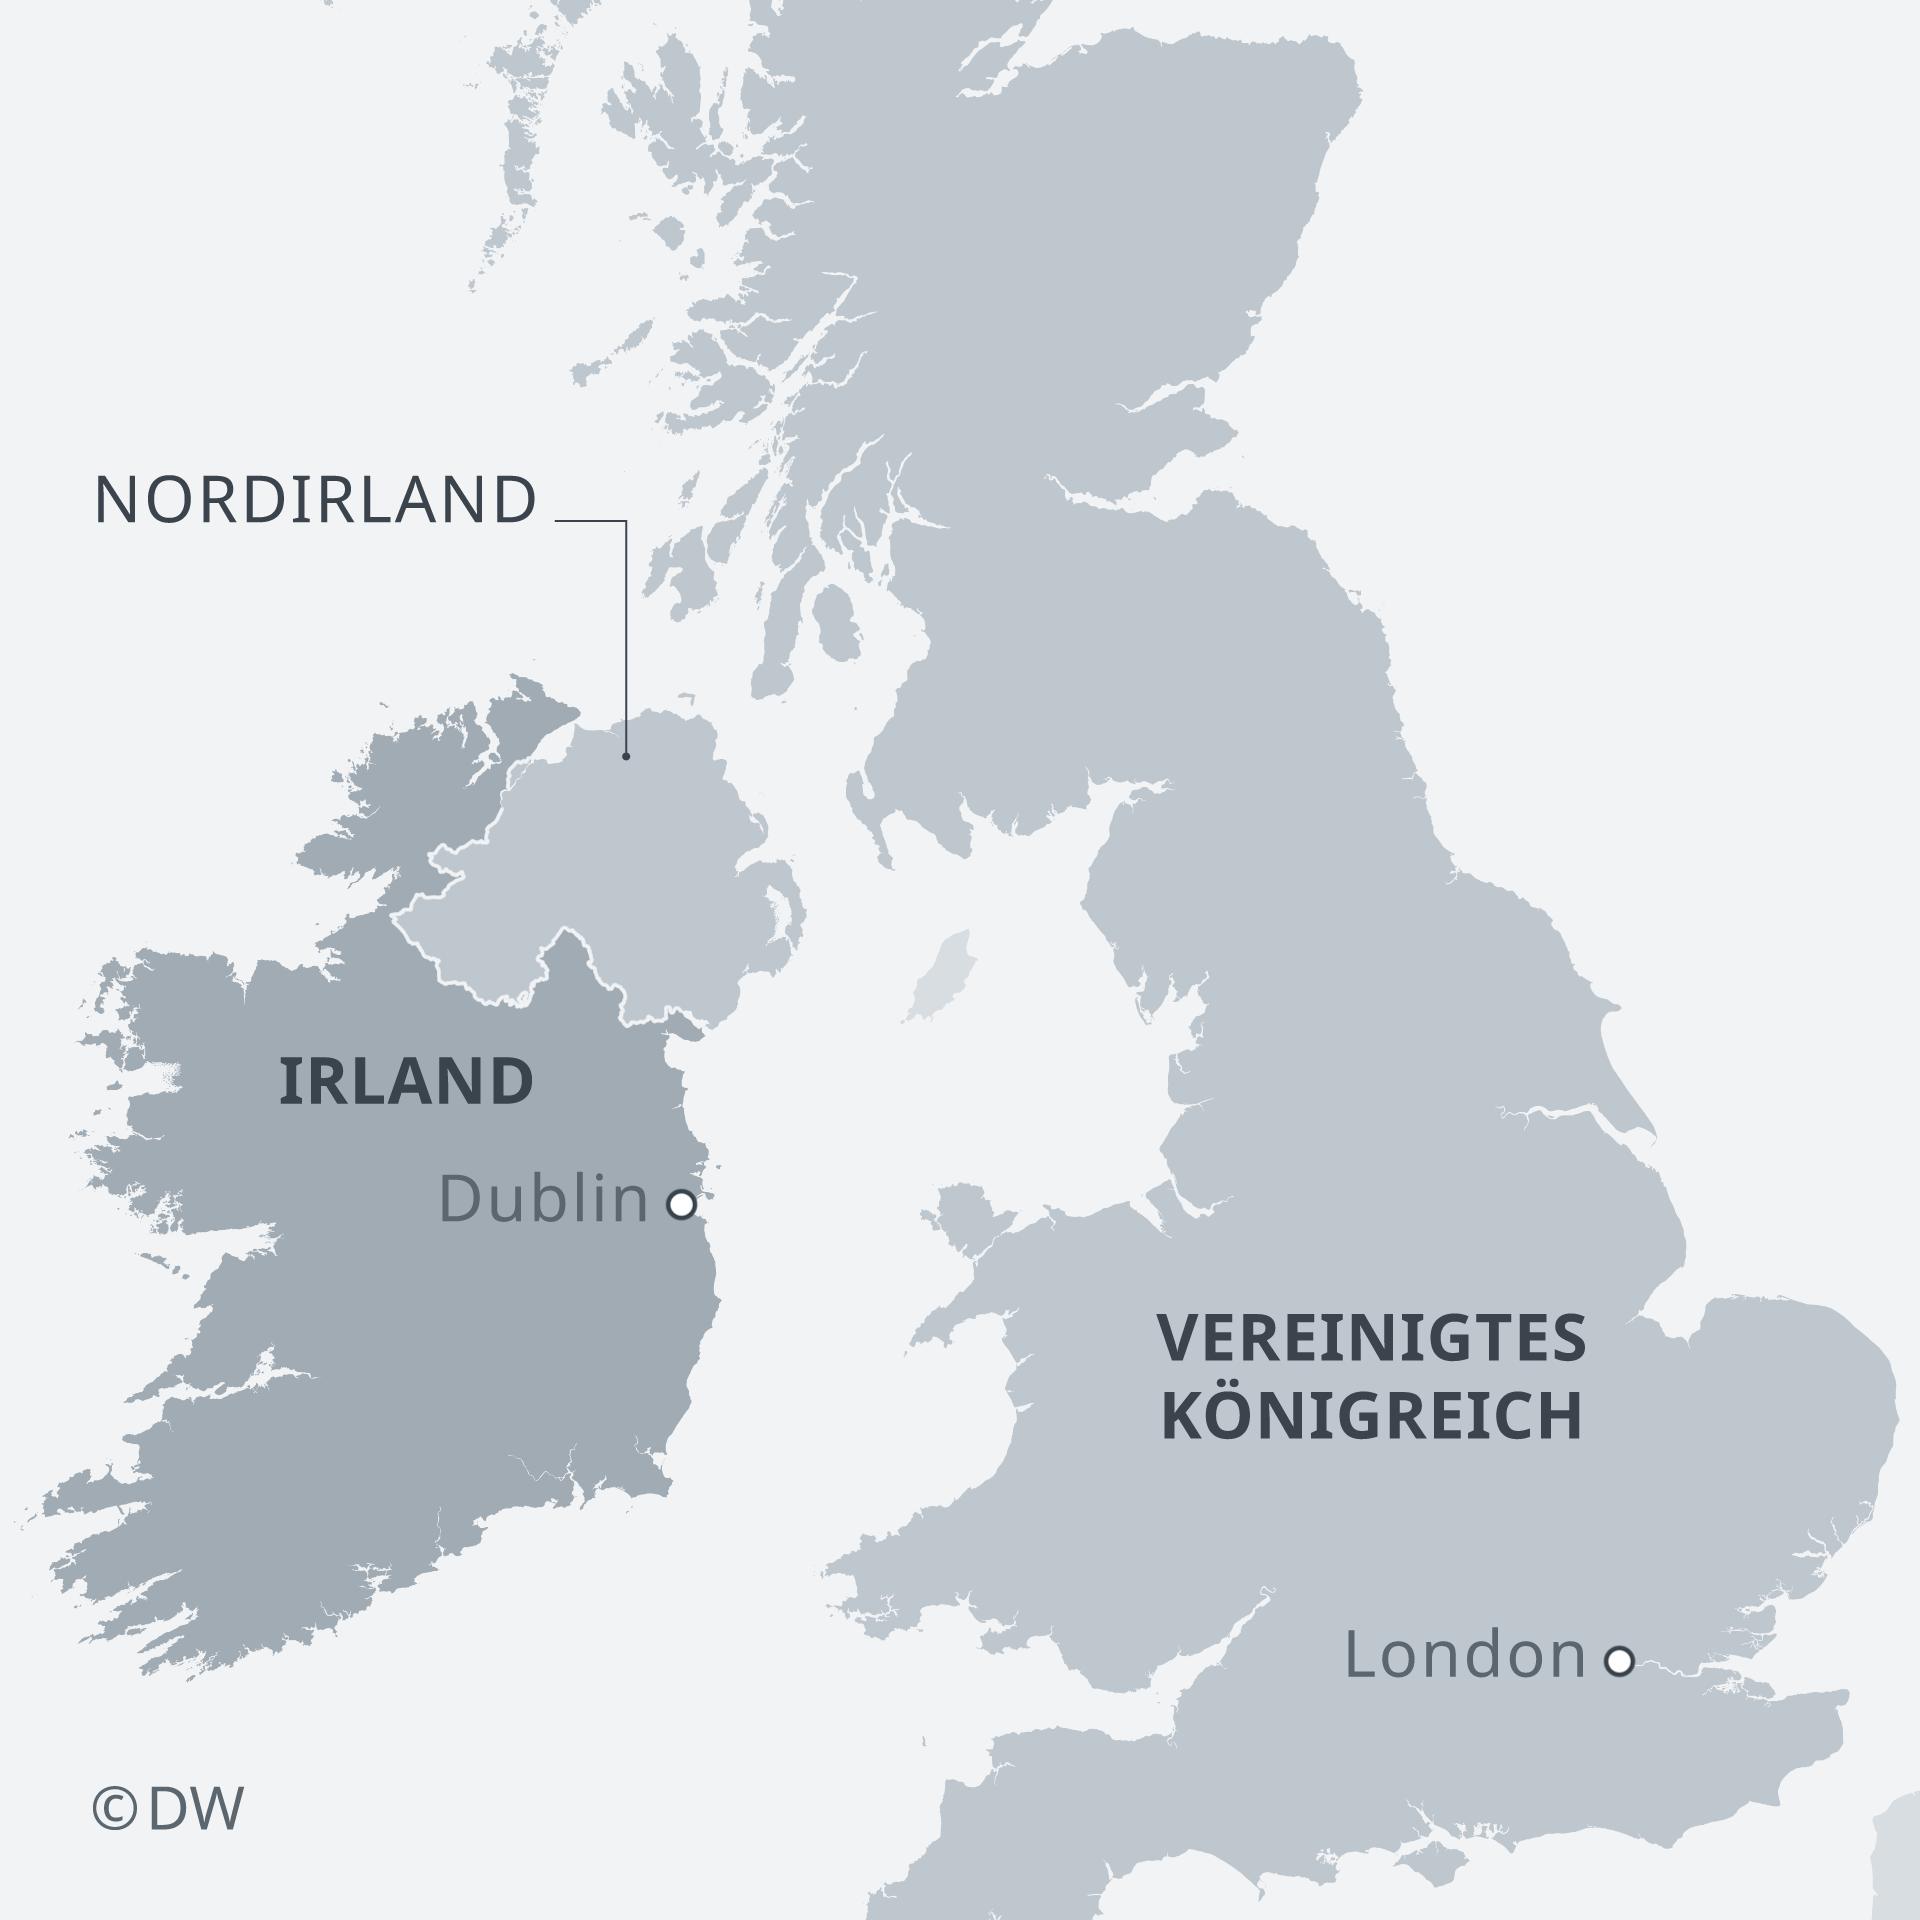 irland nordirland karte Irland: Der Brexit und die Grenze | Wirtschaft | DW | 07.10.2019